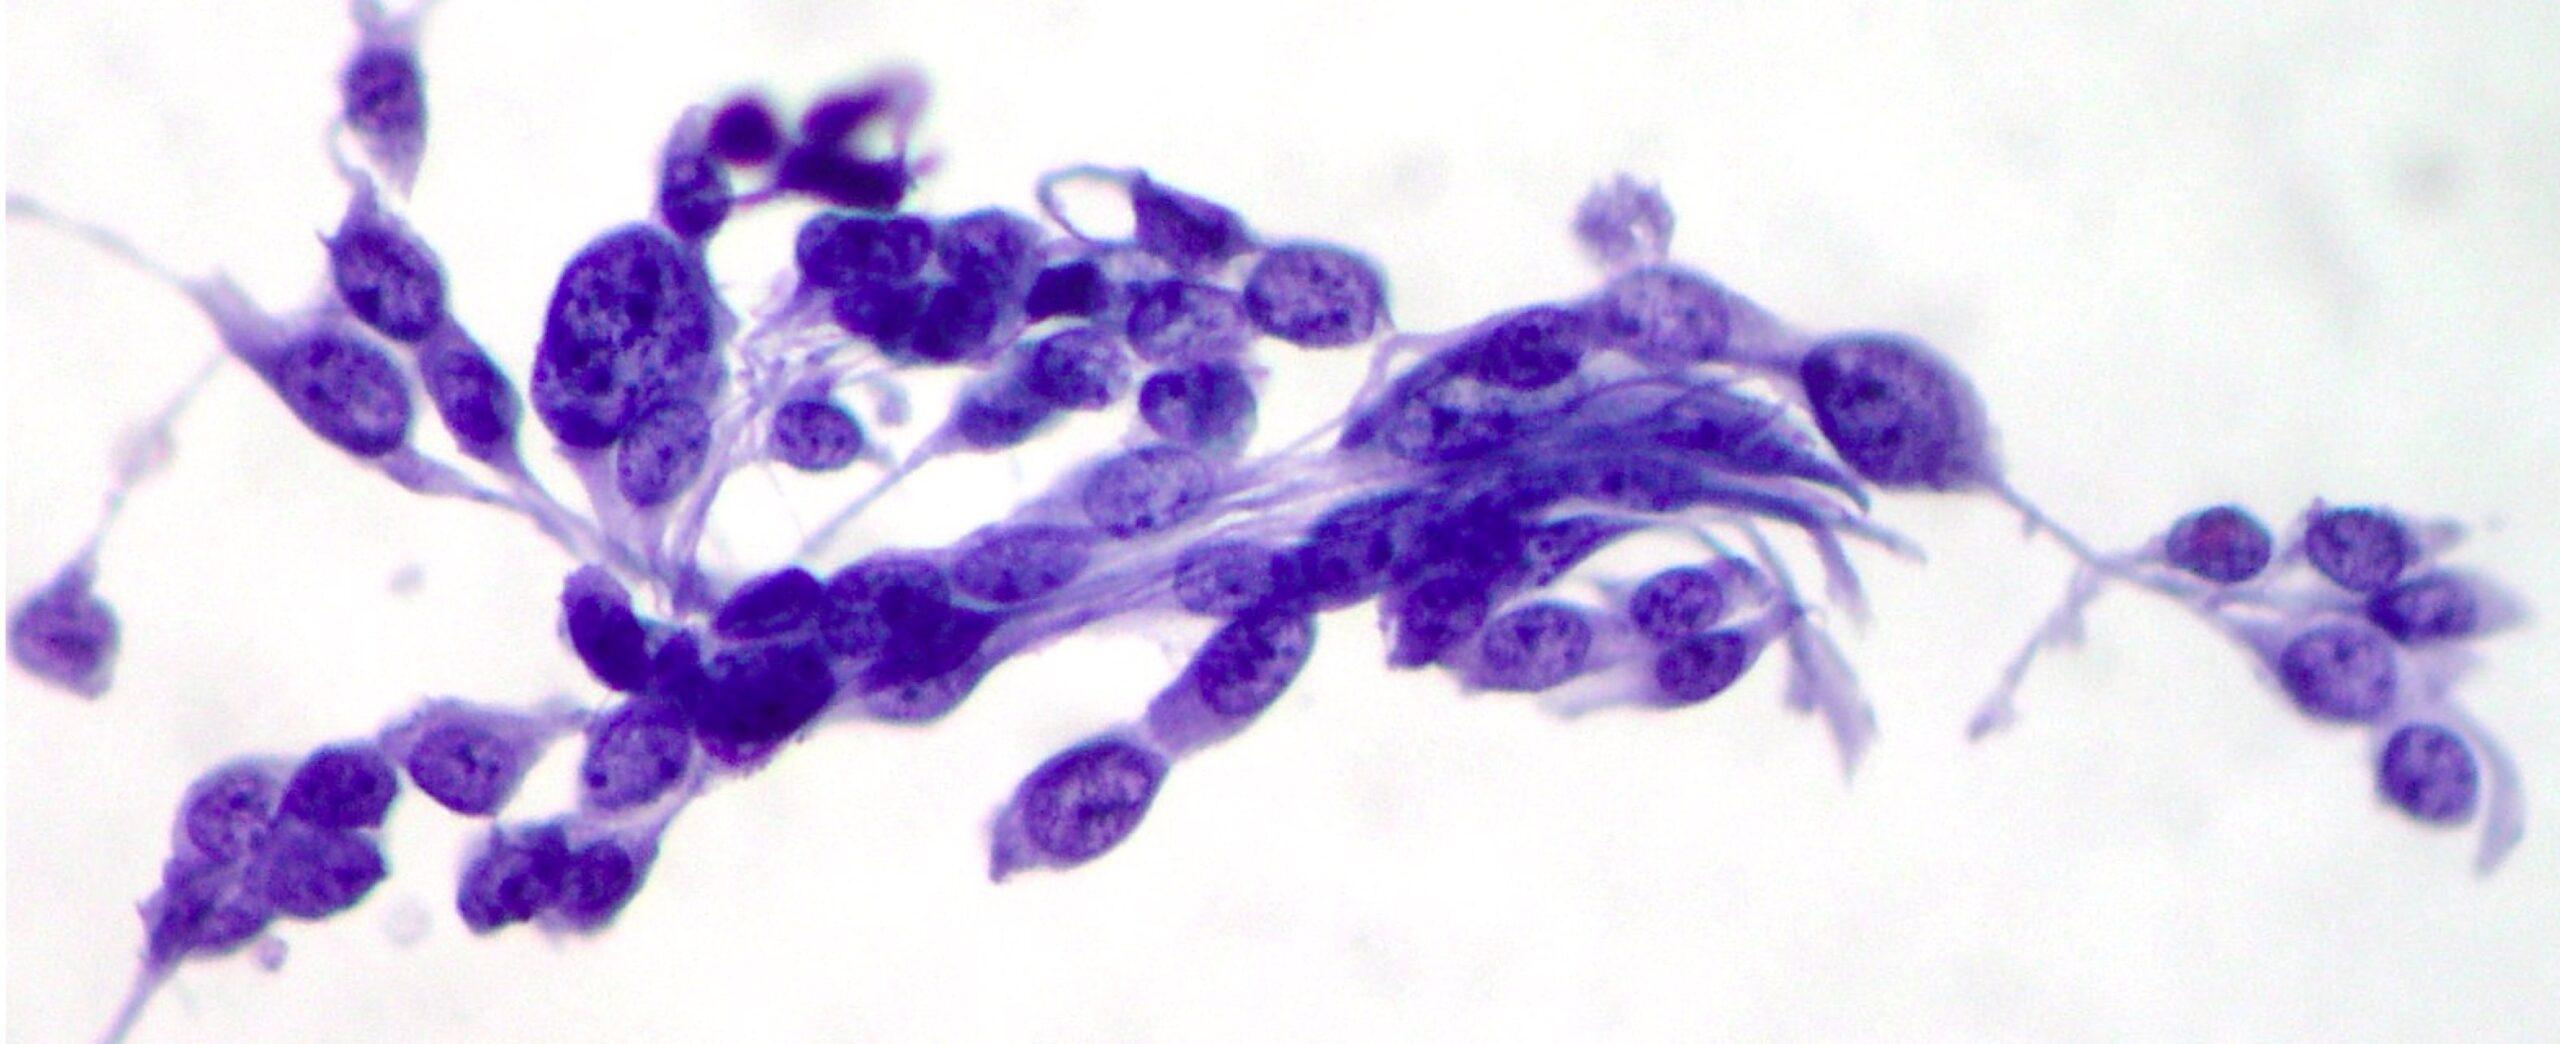 Κυτταρολογική εξέταση ούρων